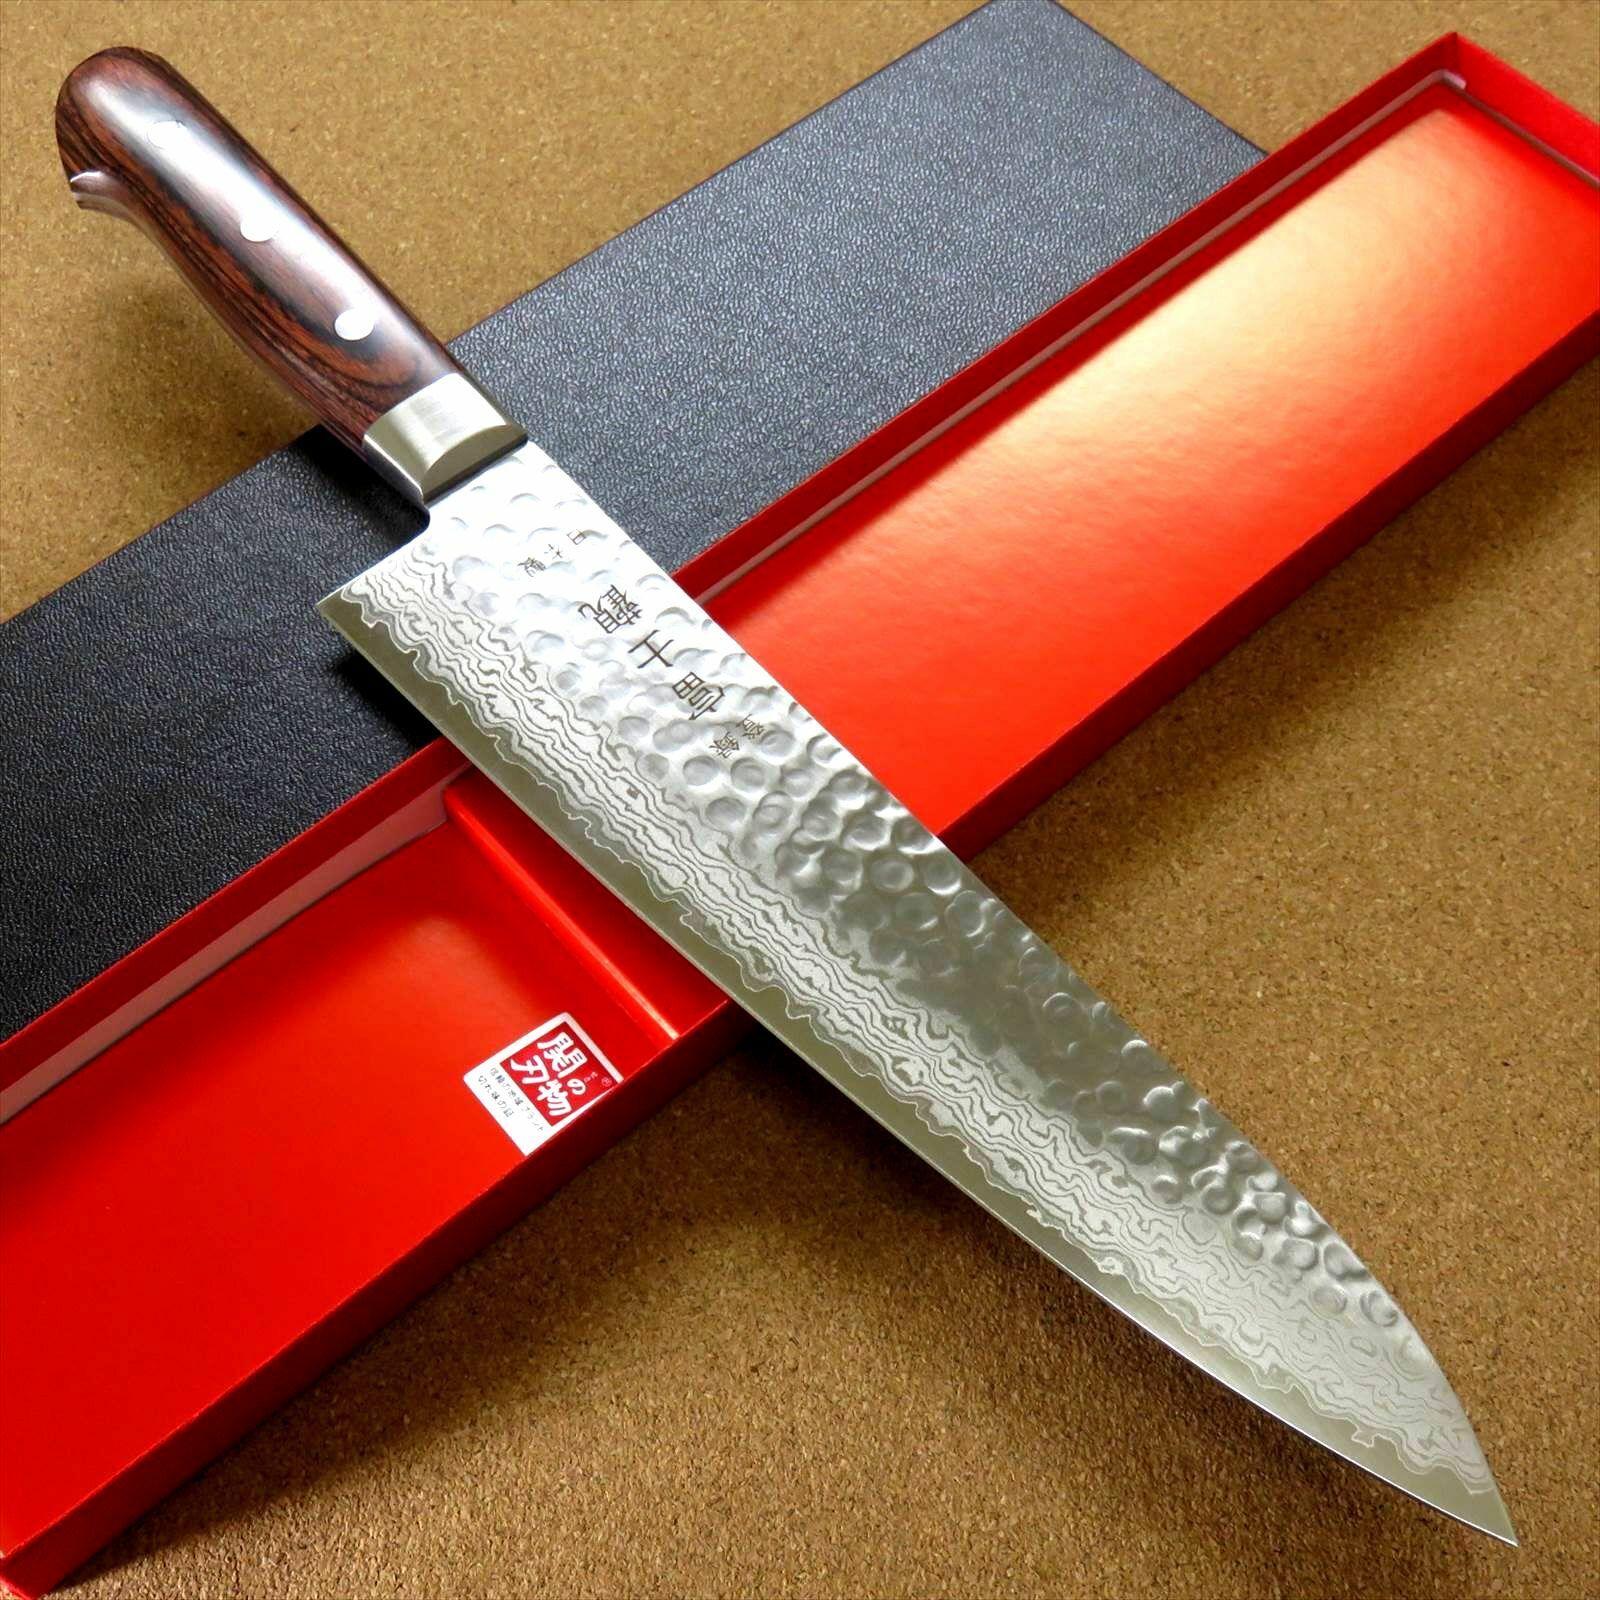 Japonais FUJIMI Cuisine Chef Couteau 9  marteau forgé VG-10 Damas du Japon